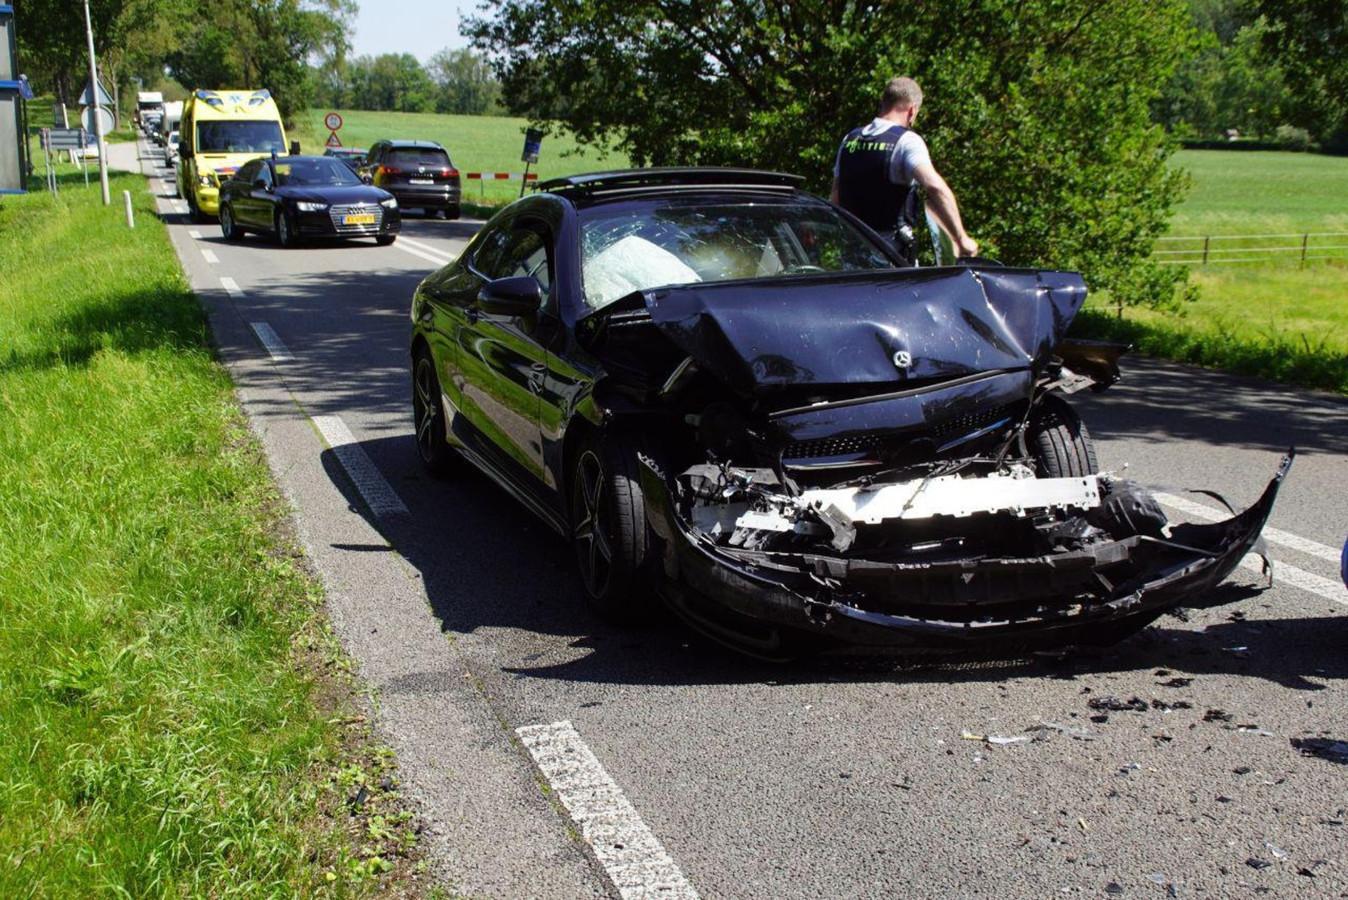 De auto had veel blikschade door het ongeluk.